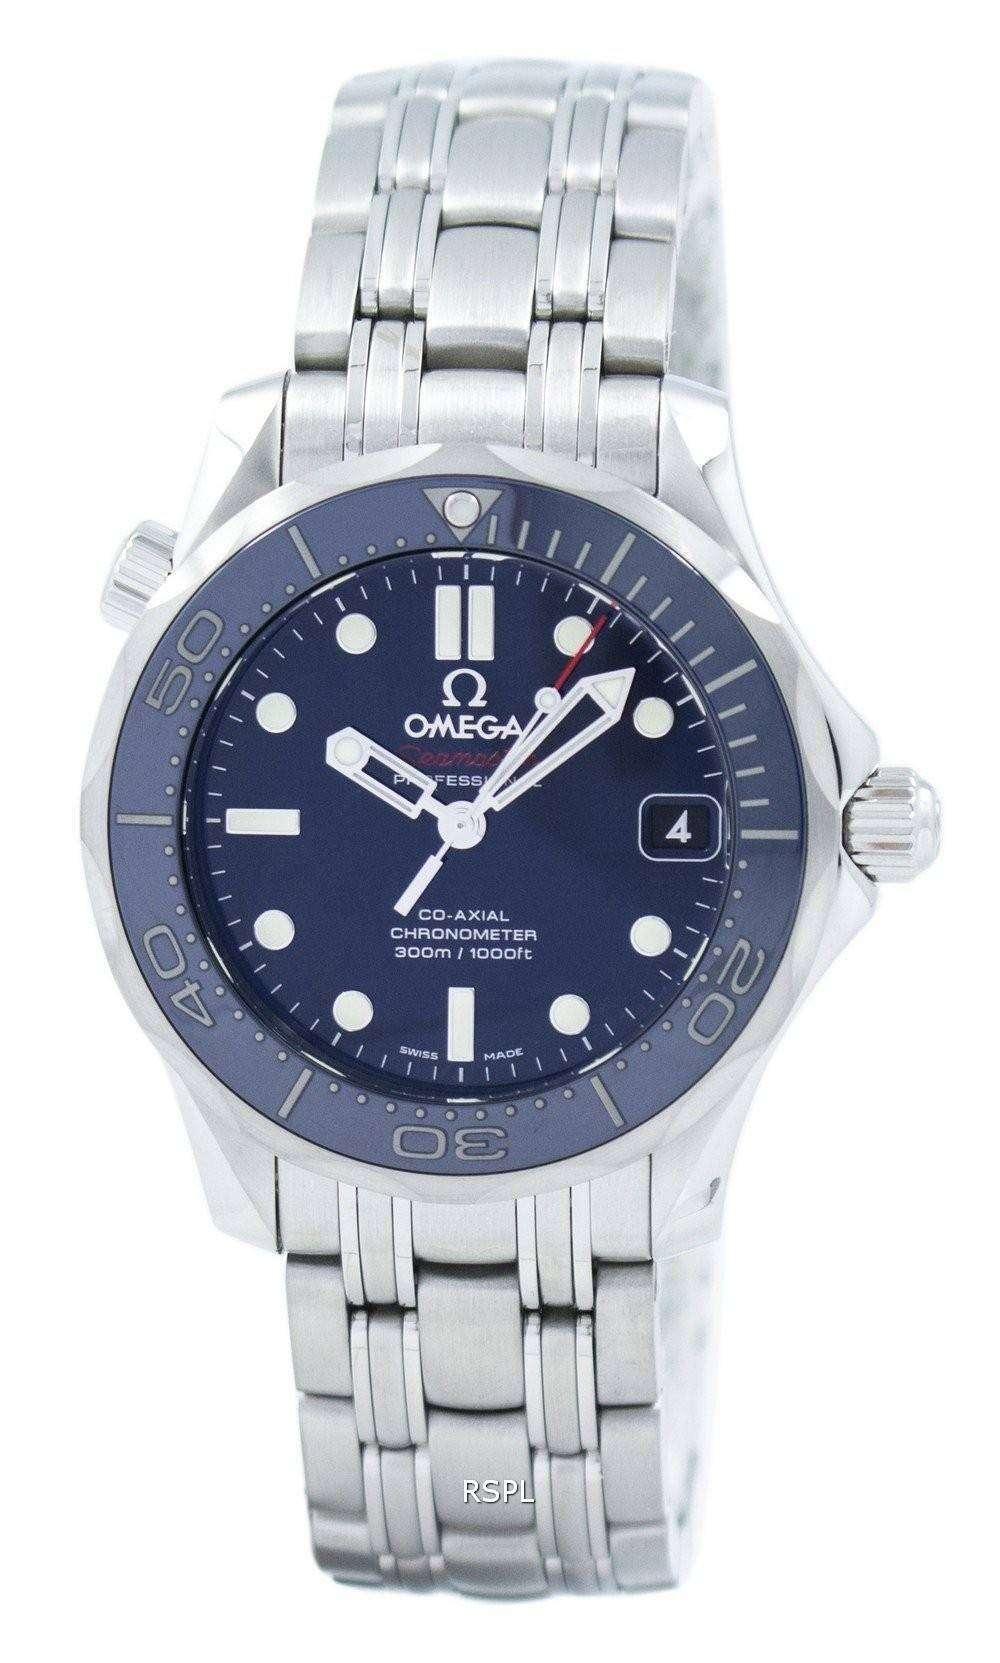 オメガ シーマスター コーアクシャル ダイバー 300 M クロノメーター 212.30.36.20.03.001 ユニセックス腕時計